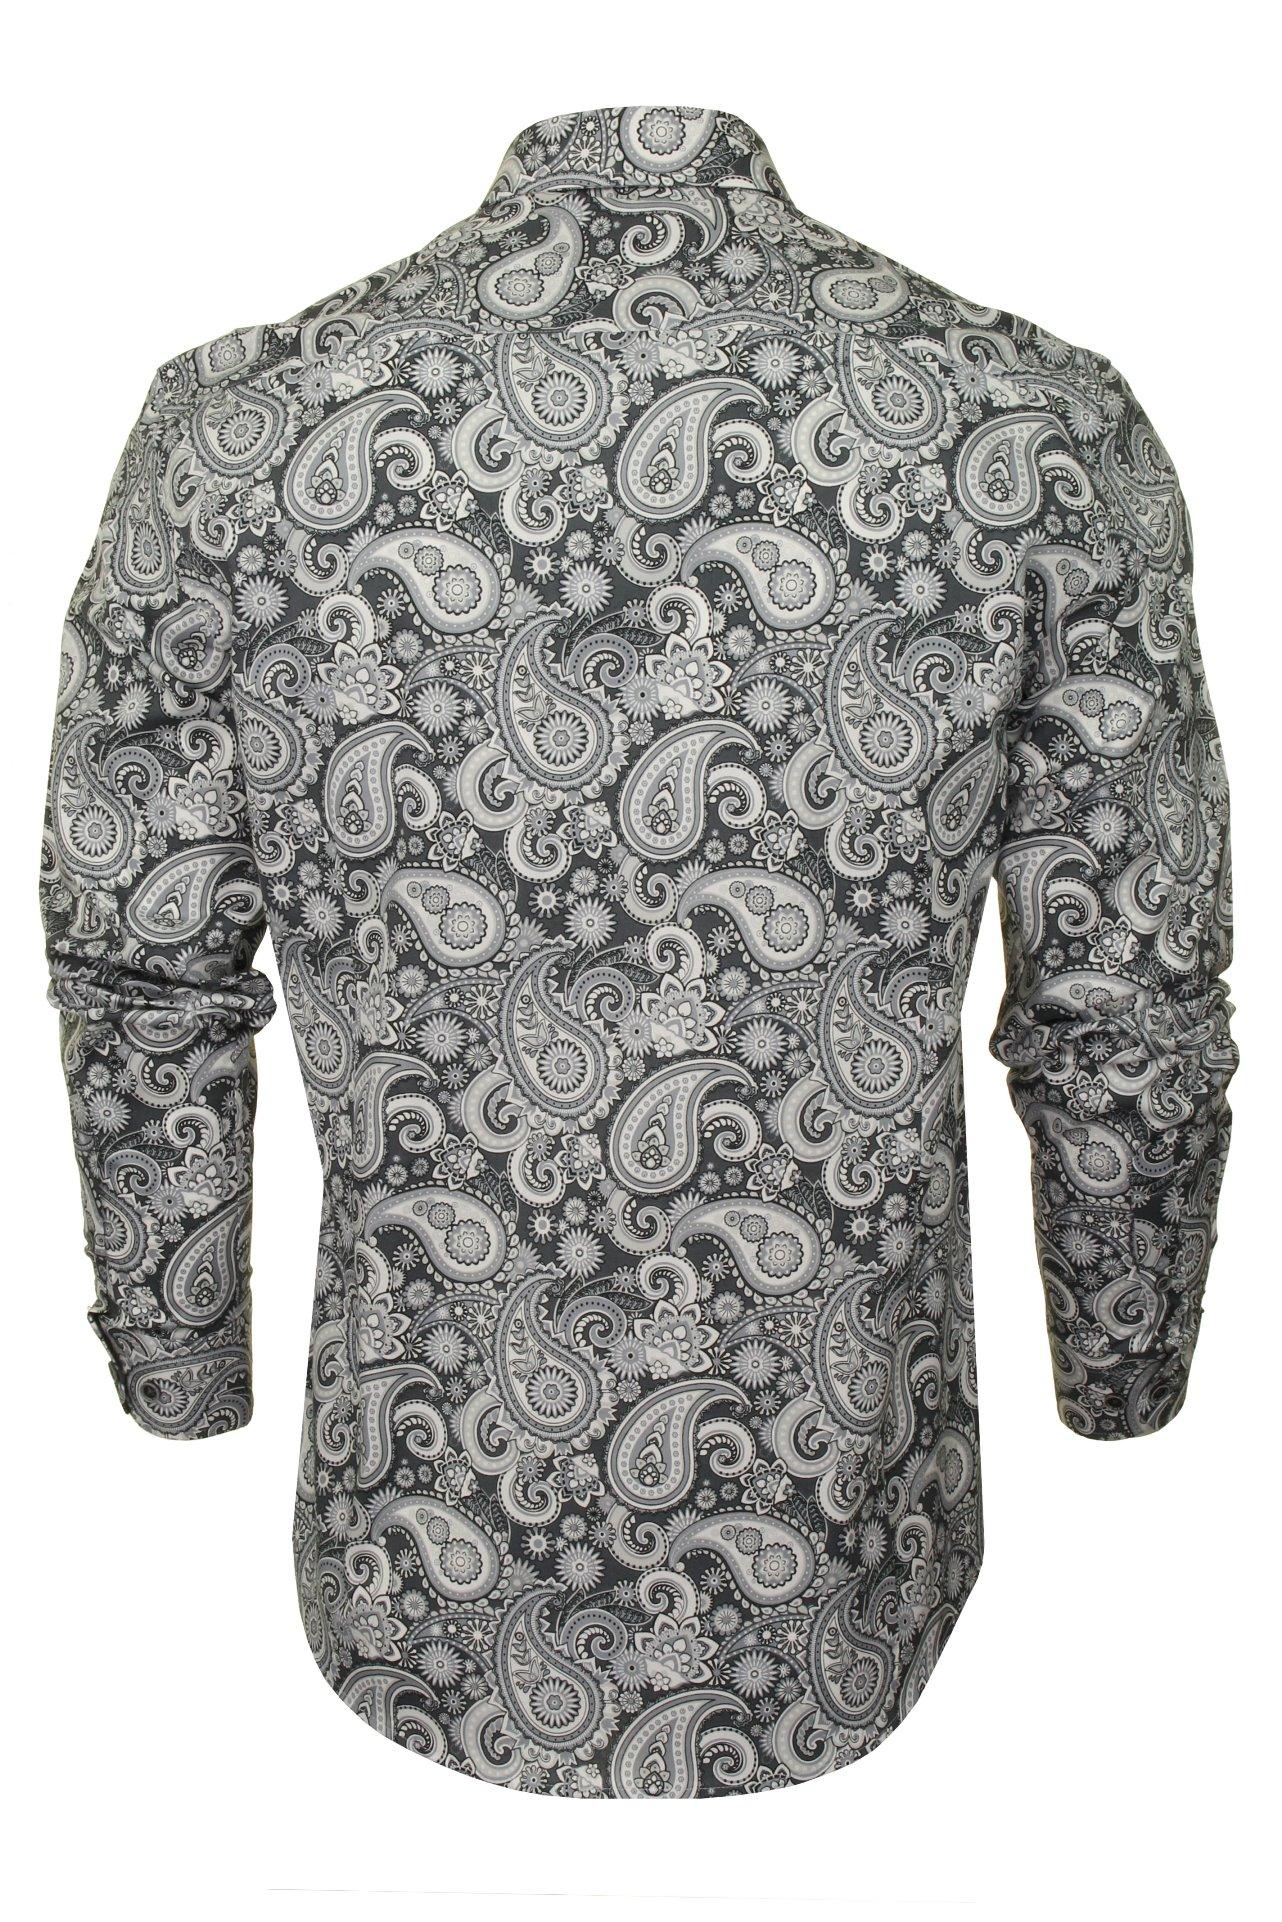 Xact-Mens-Long-Sleeved-Paisley-Shirt-Slim-Fit thumbnail 17